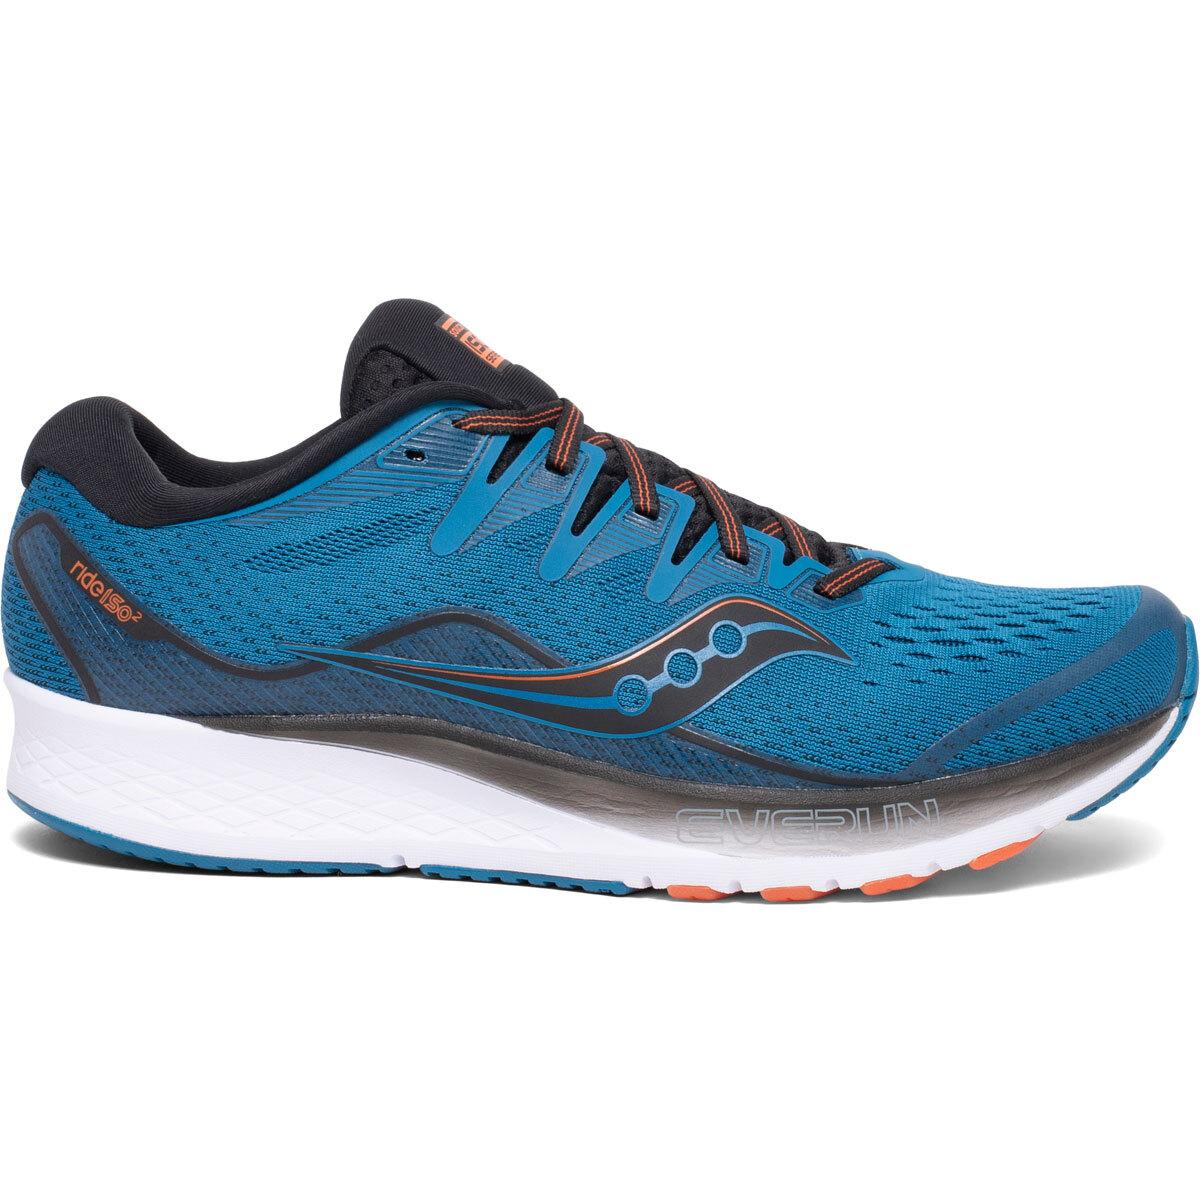 Men's Saucony Ride Iso 2 Running Shoe - Color: Blue/Black (Regular Width) - Size: 11, Blue/Black, large, image 1